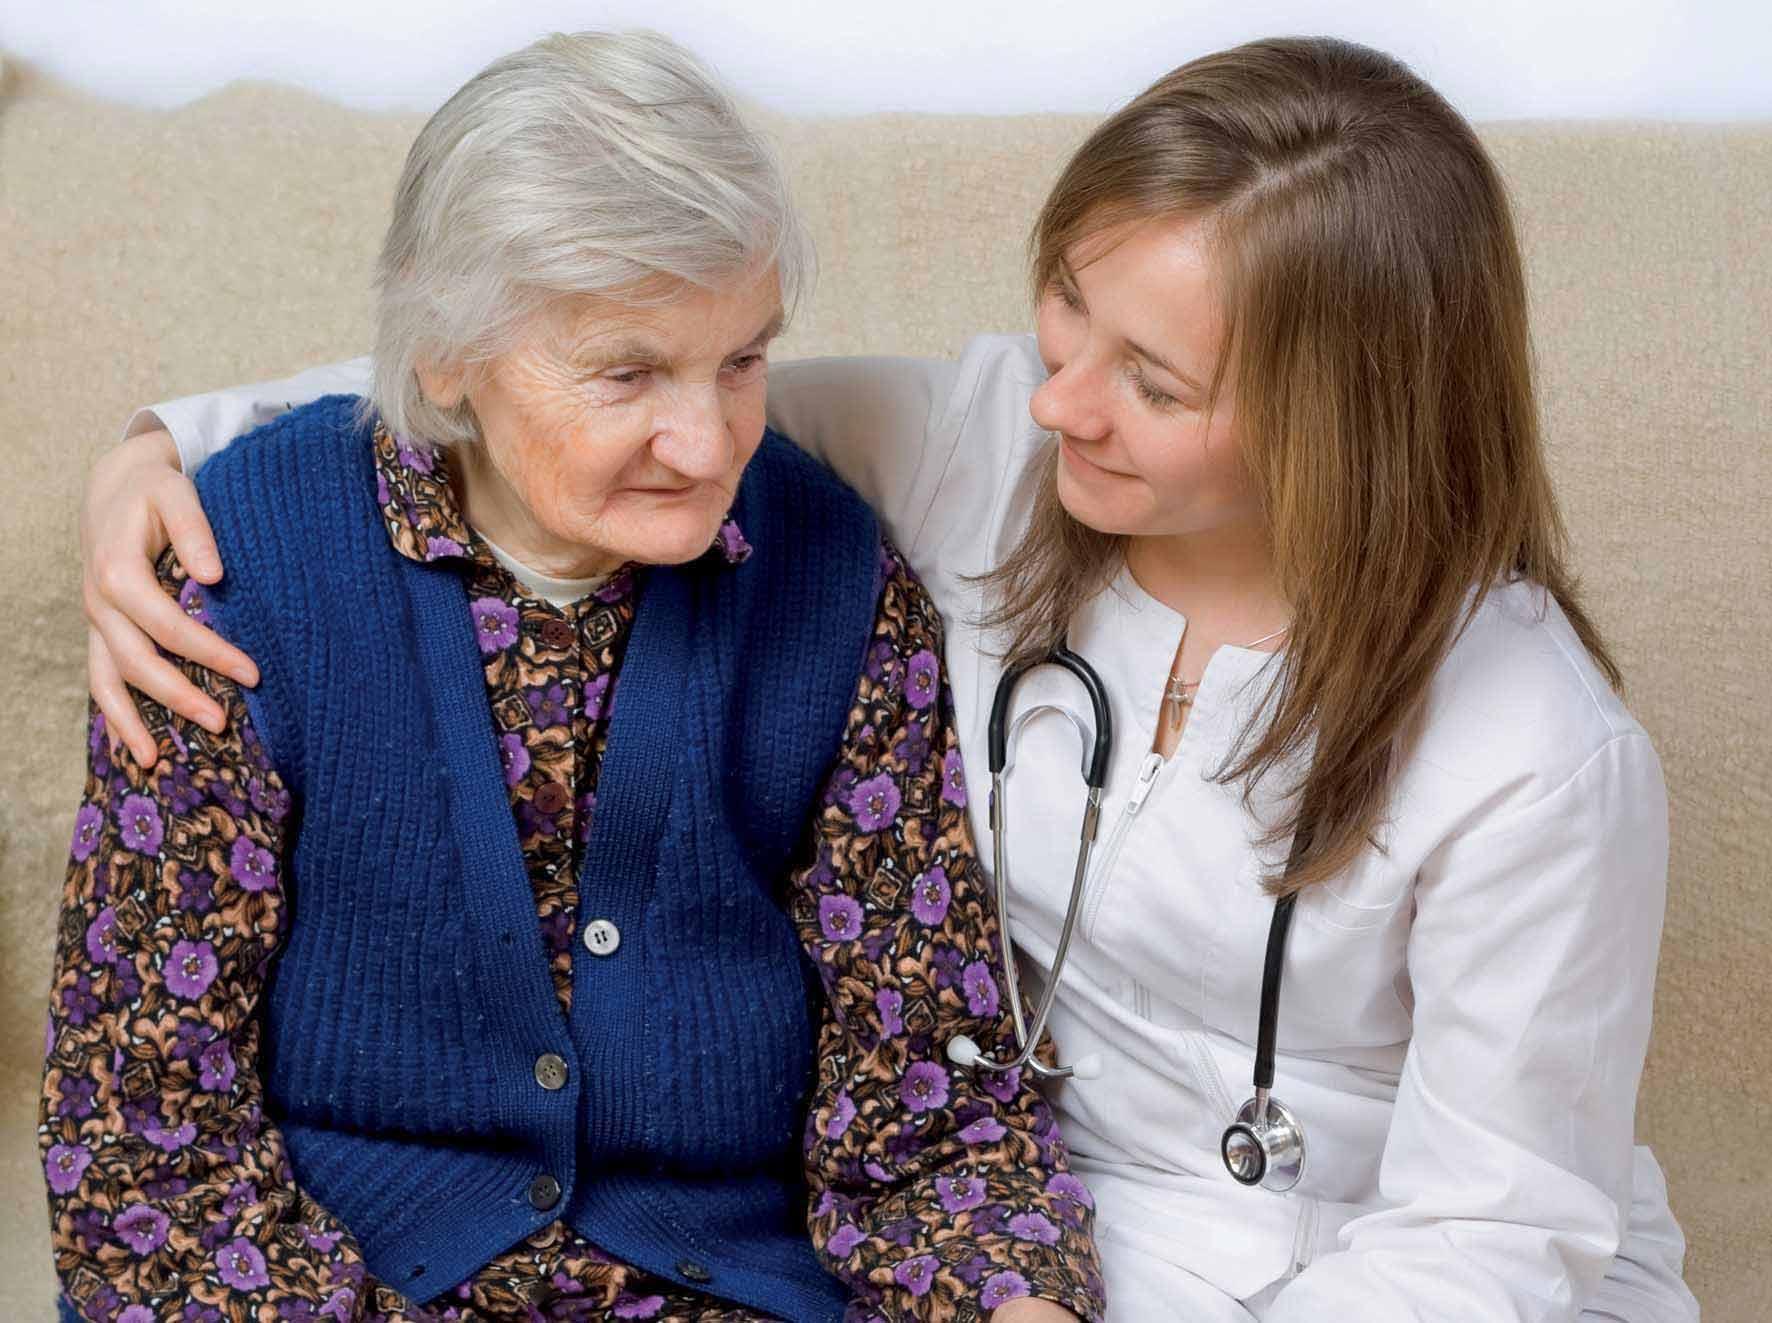 Anziana-con-medico-foto-ilnordest